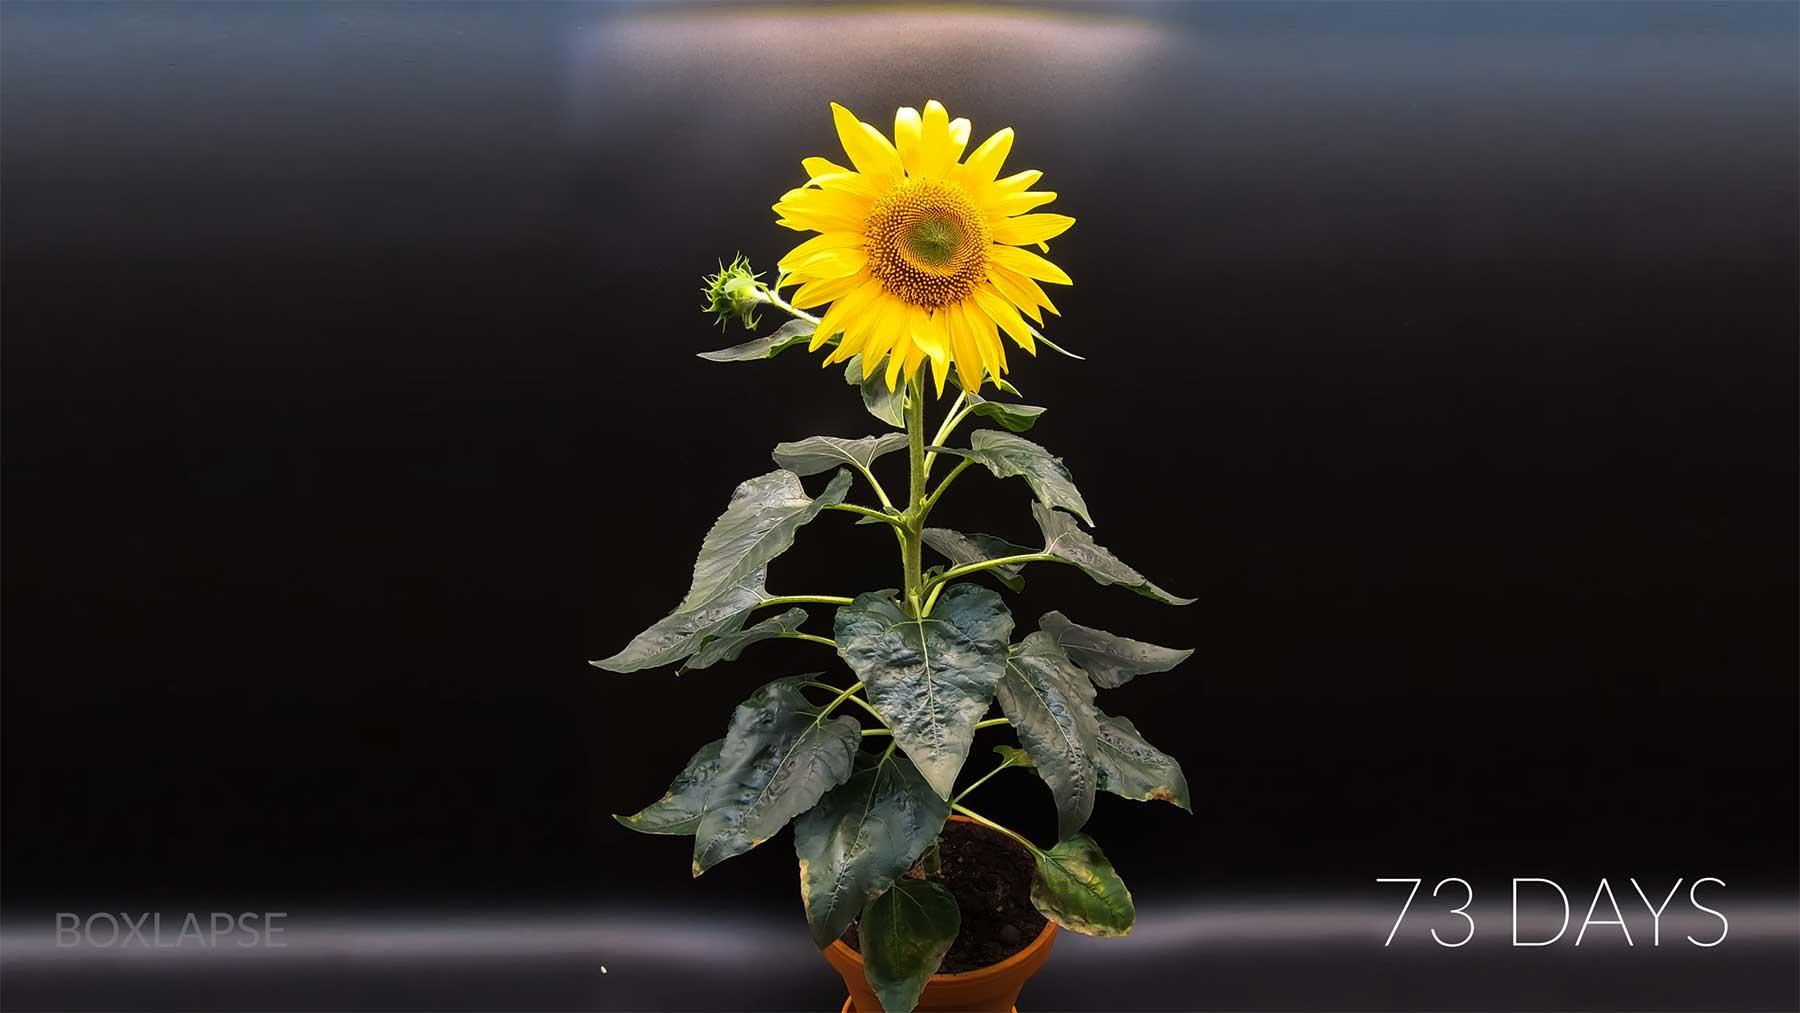 Aufwachsen einer Sonnenblume im Timelapse-Video